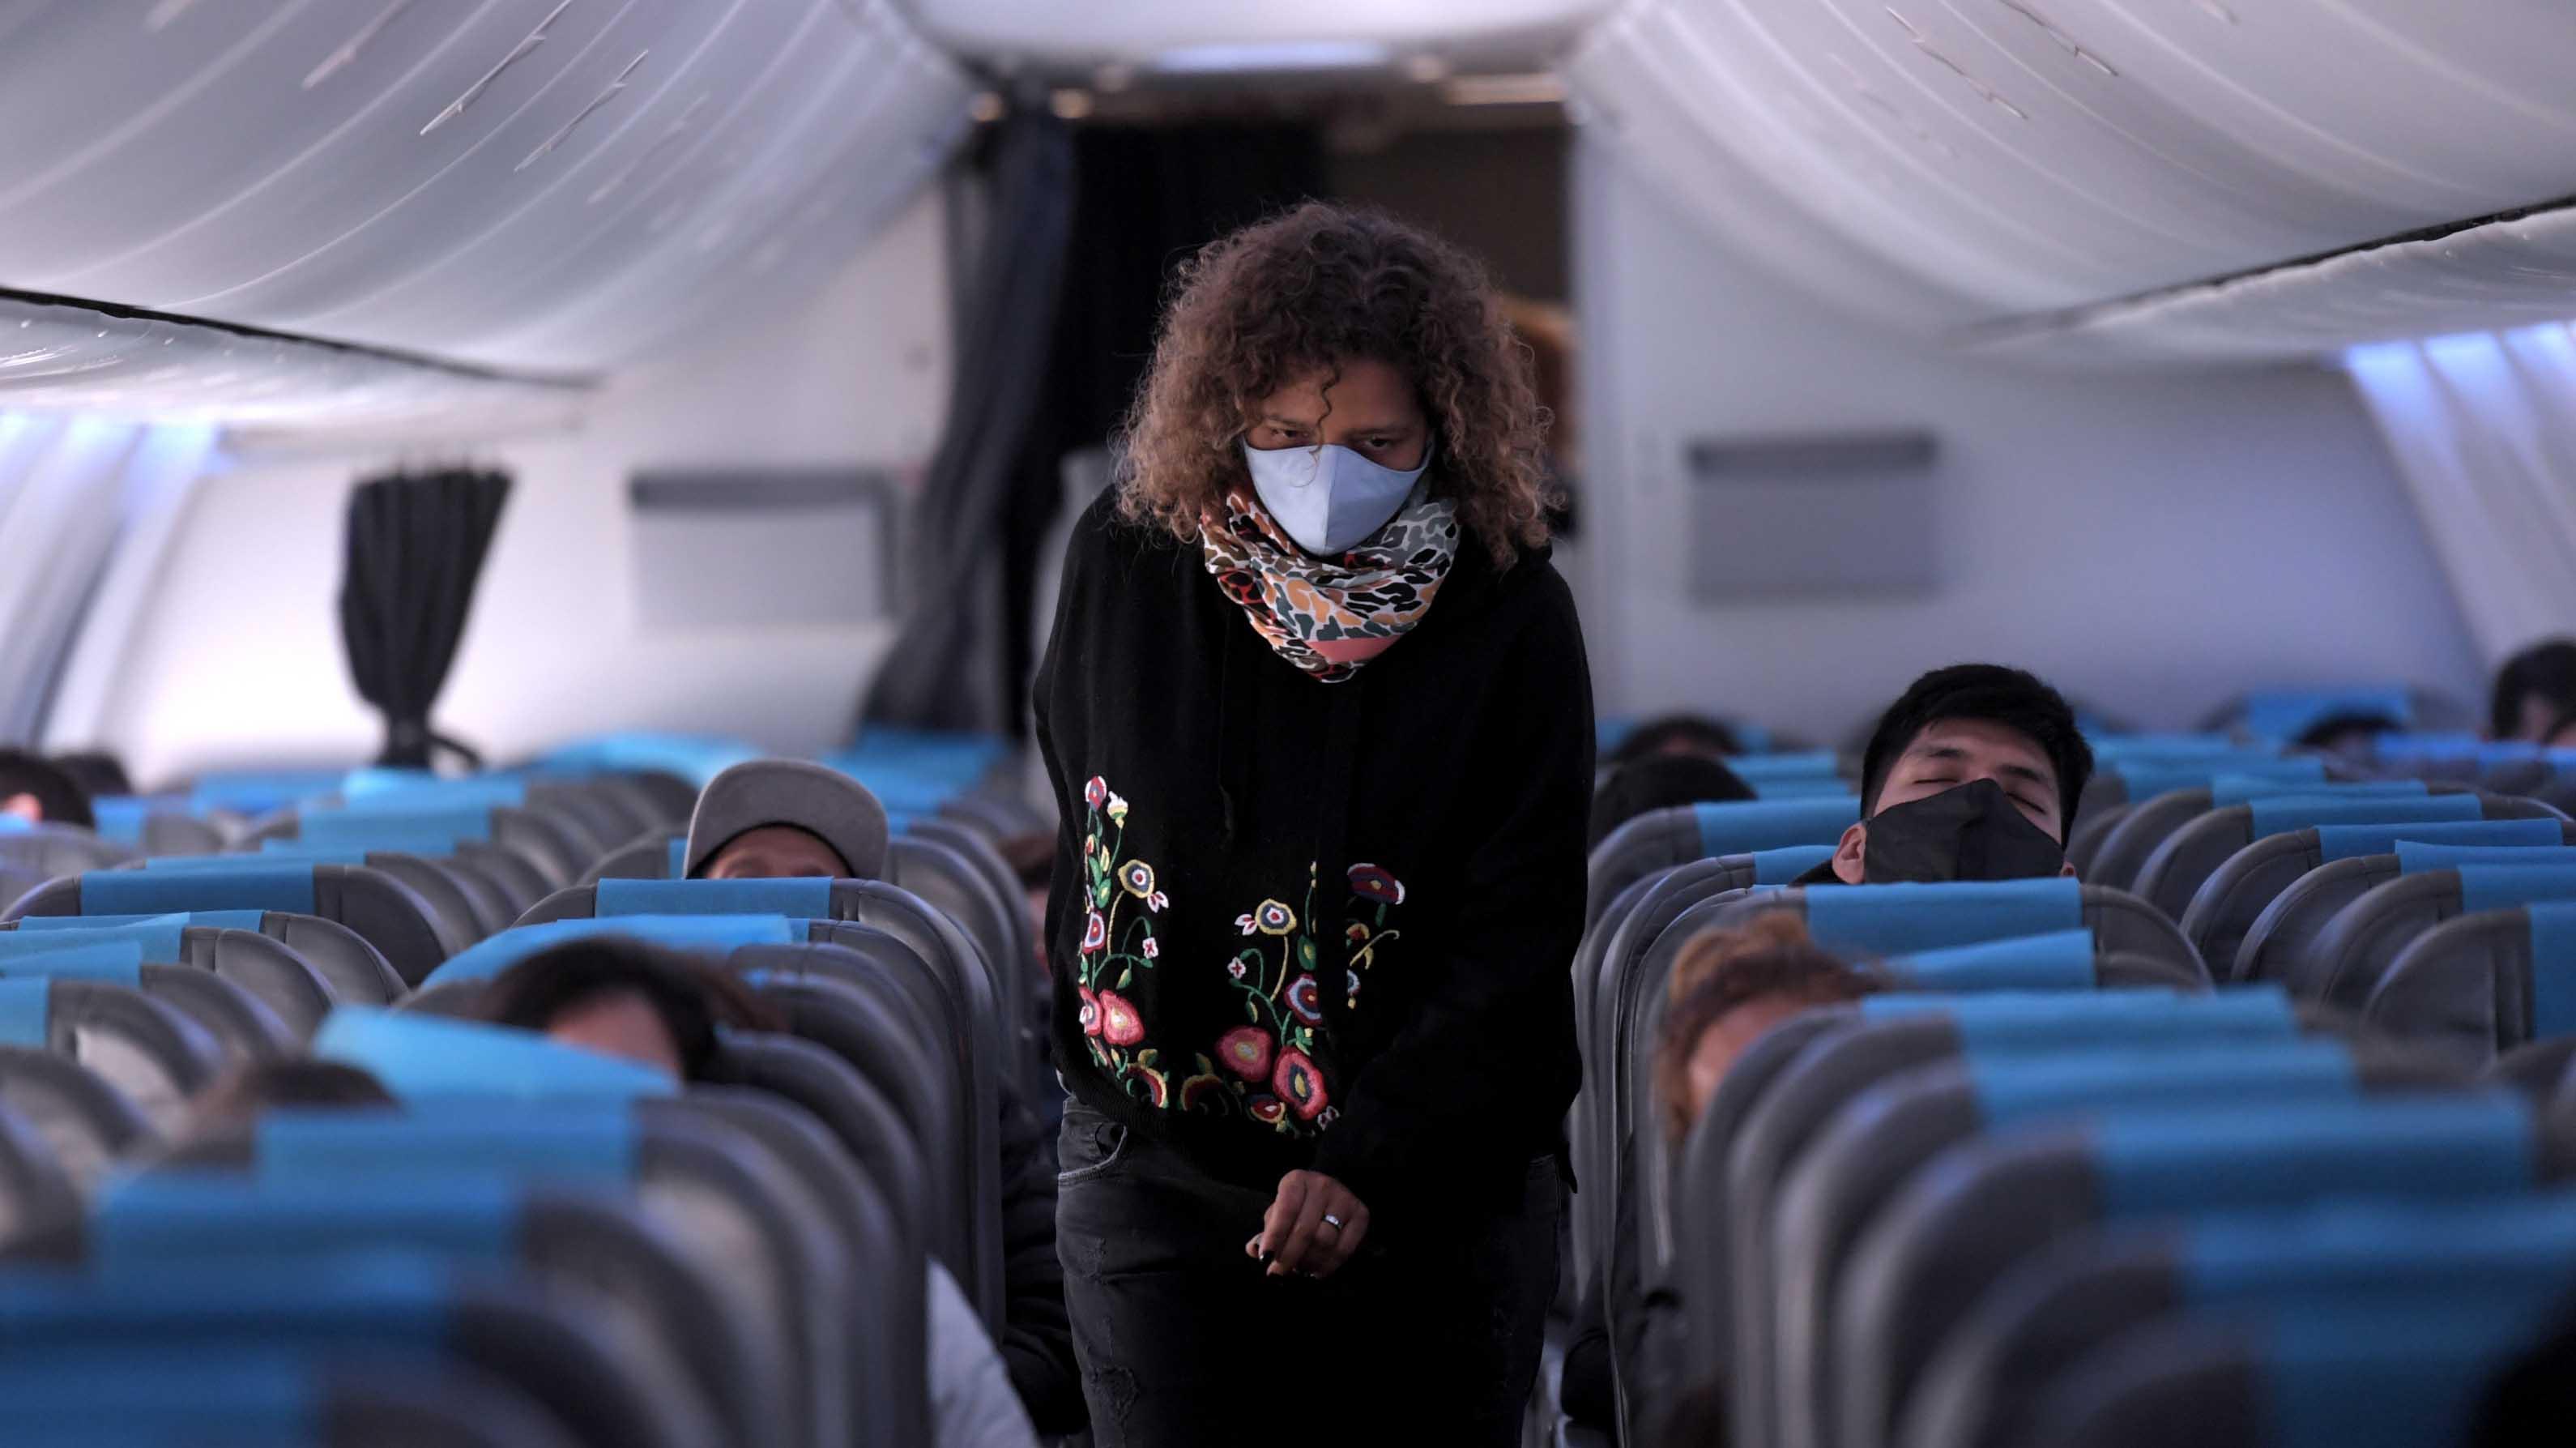 Imagen en el interior de uno de los vuelos de Aerolíneas Argentinas: el uso de tapabocas es obligatorio durante todo el trayecto